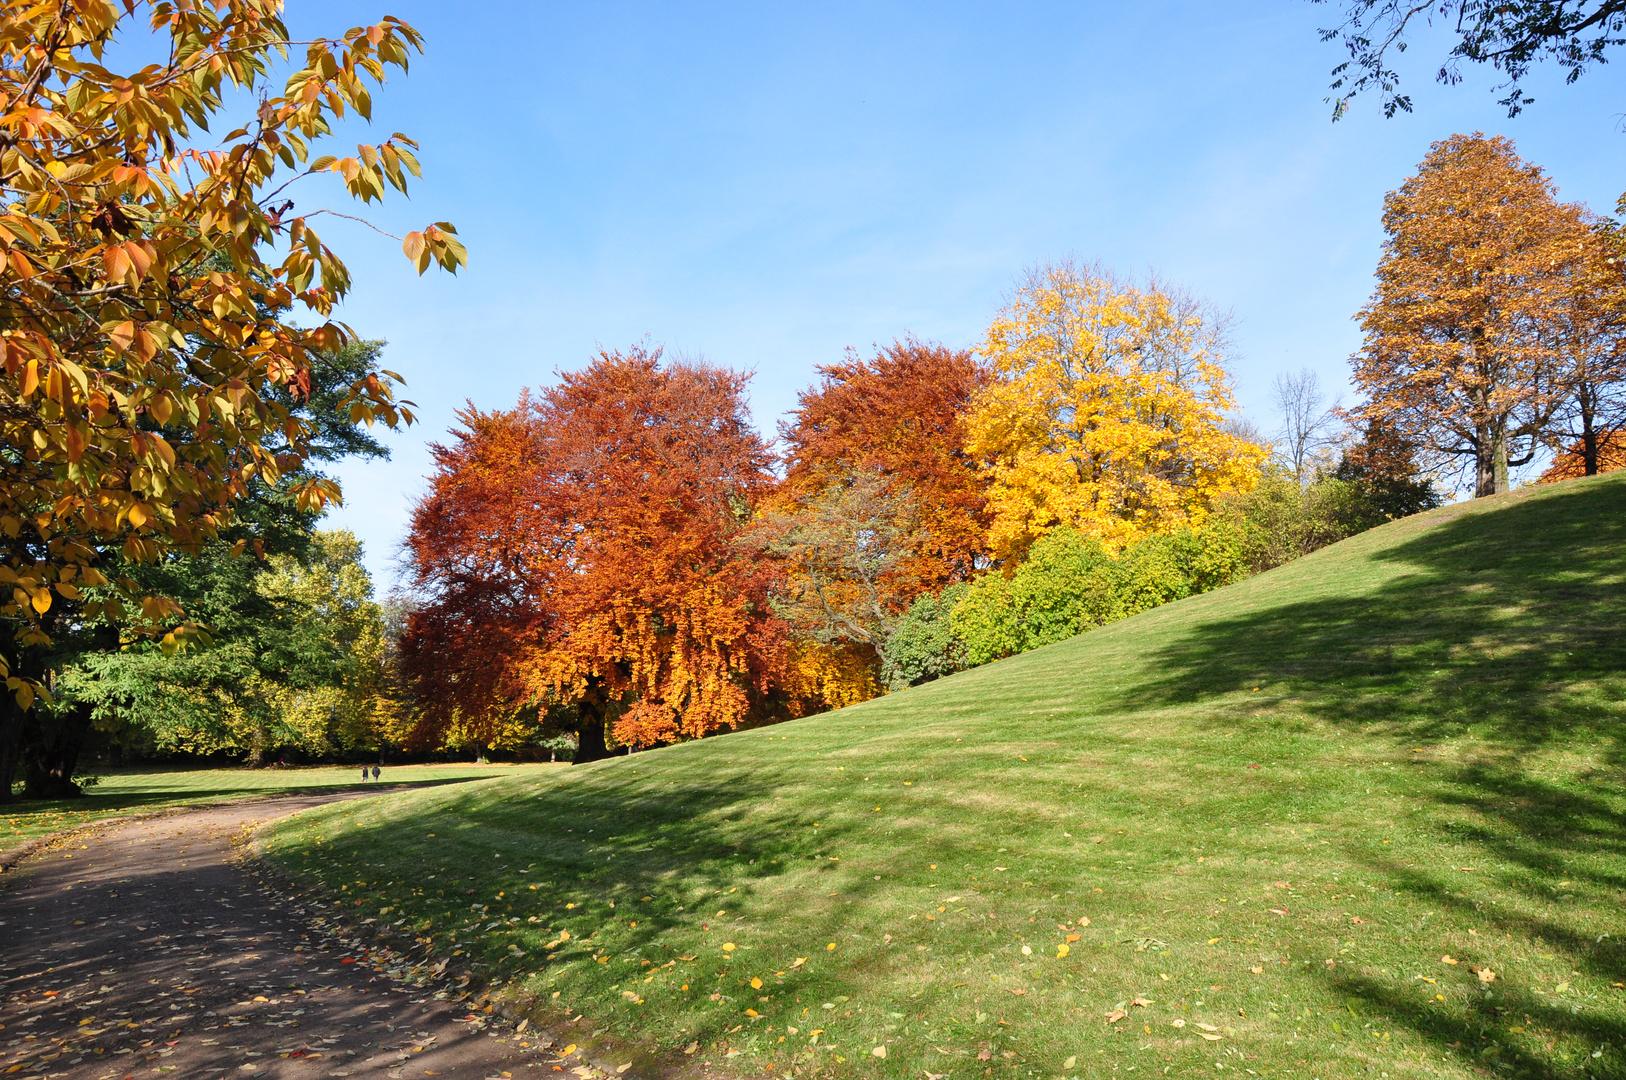 Herbstfärbung am Elbufer Dresden